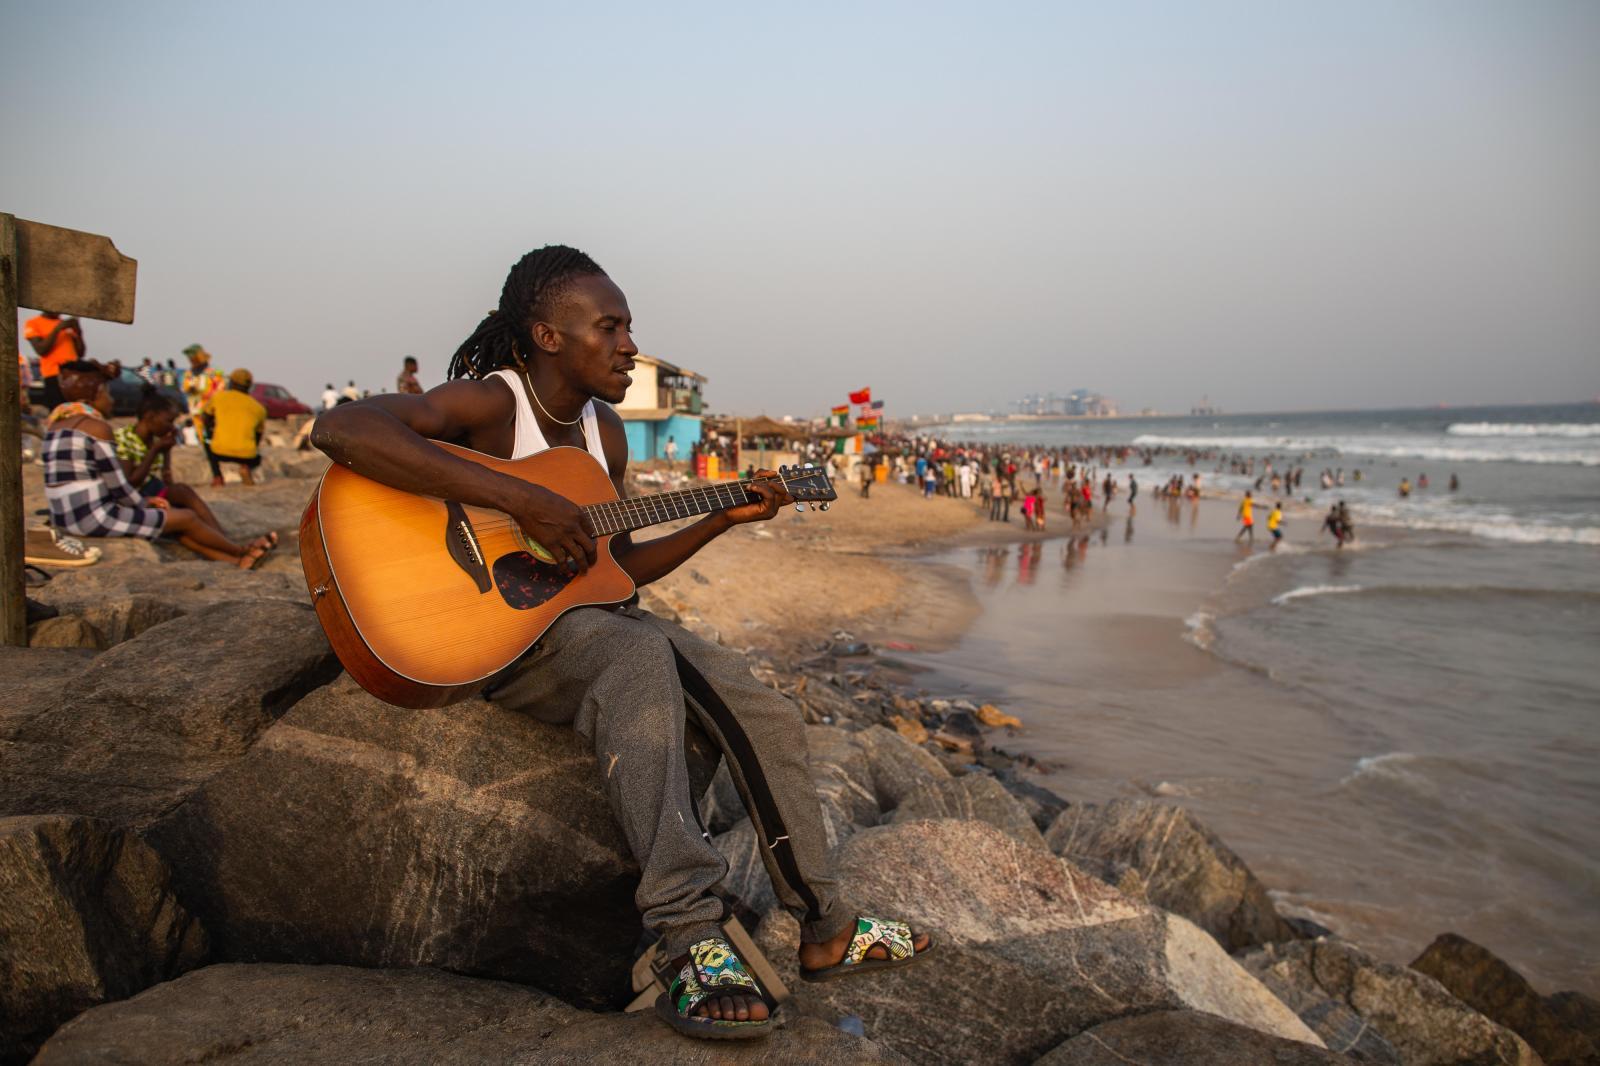 Photography image - Loading LIFE-ON-A-GHANAIAN-BEACH-NIPAH-DENNIS-GHANA27.jpg